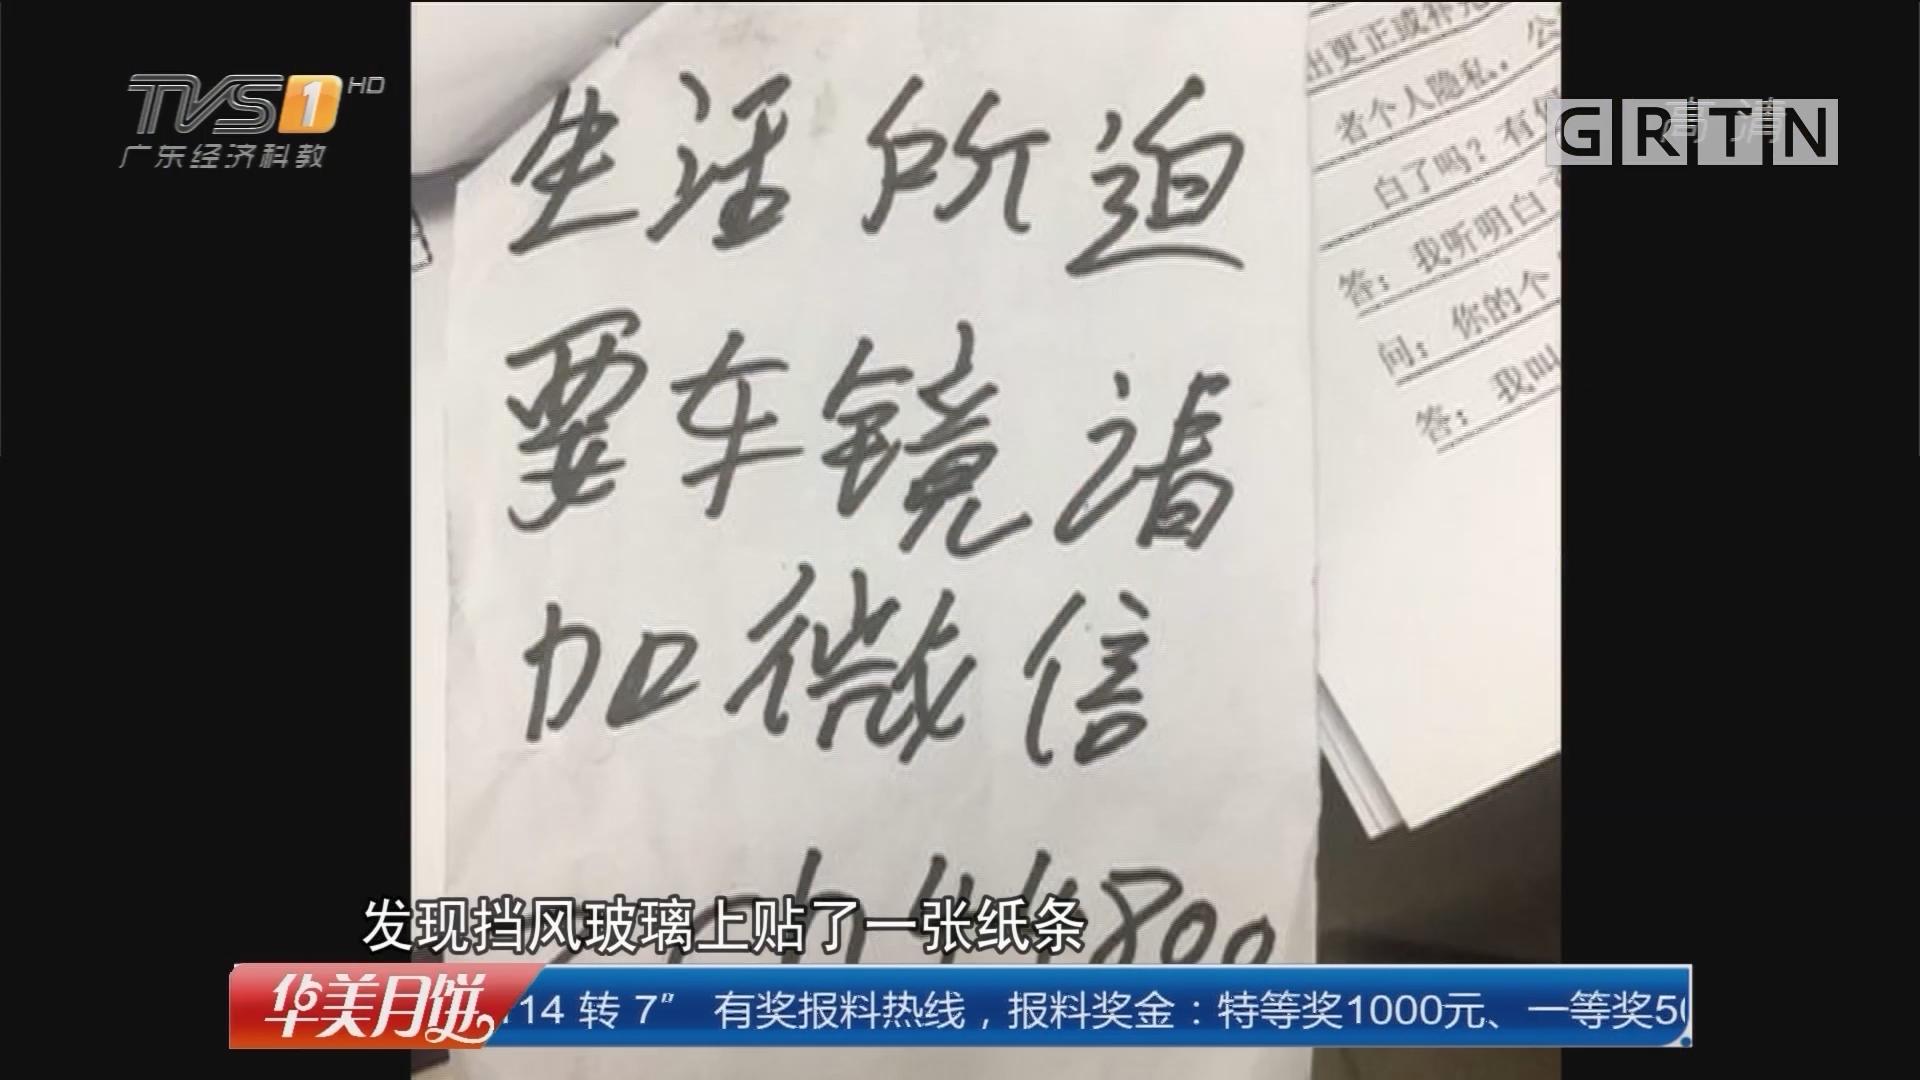 东莞樟木头:专盗豪车后视镜勒索 警方抓捕嫌疑人